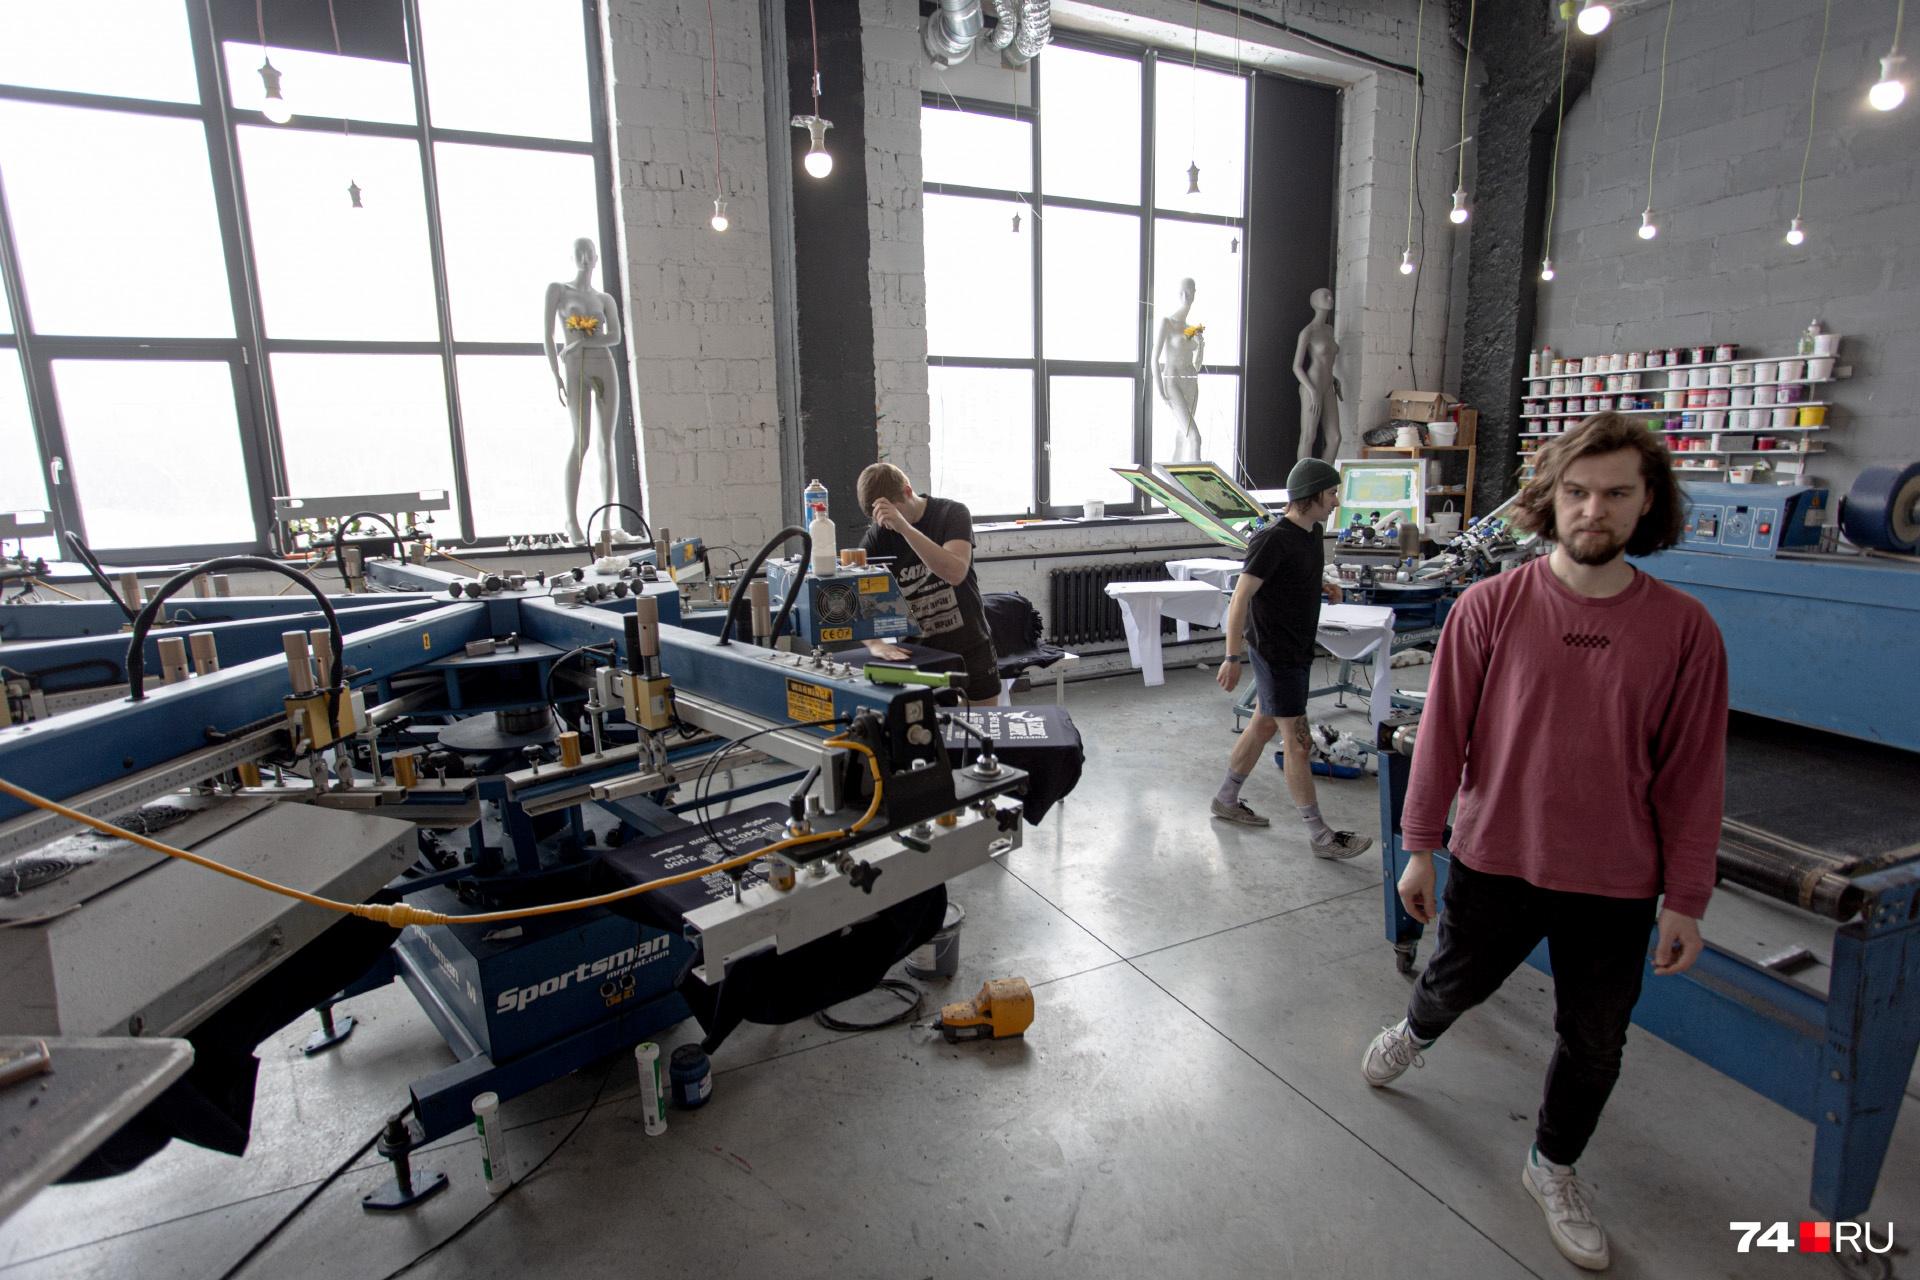 Тут же производят одежду с фирменными логотипами по заказам коммерческих организаций